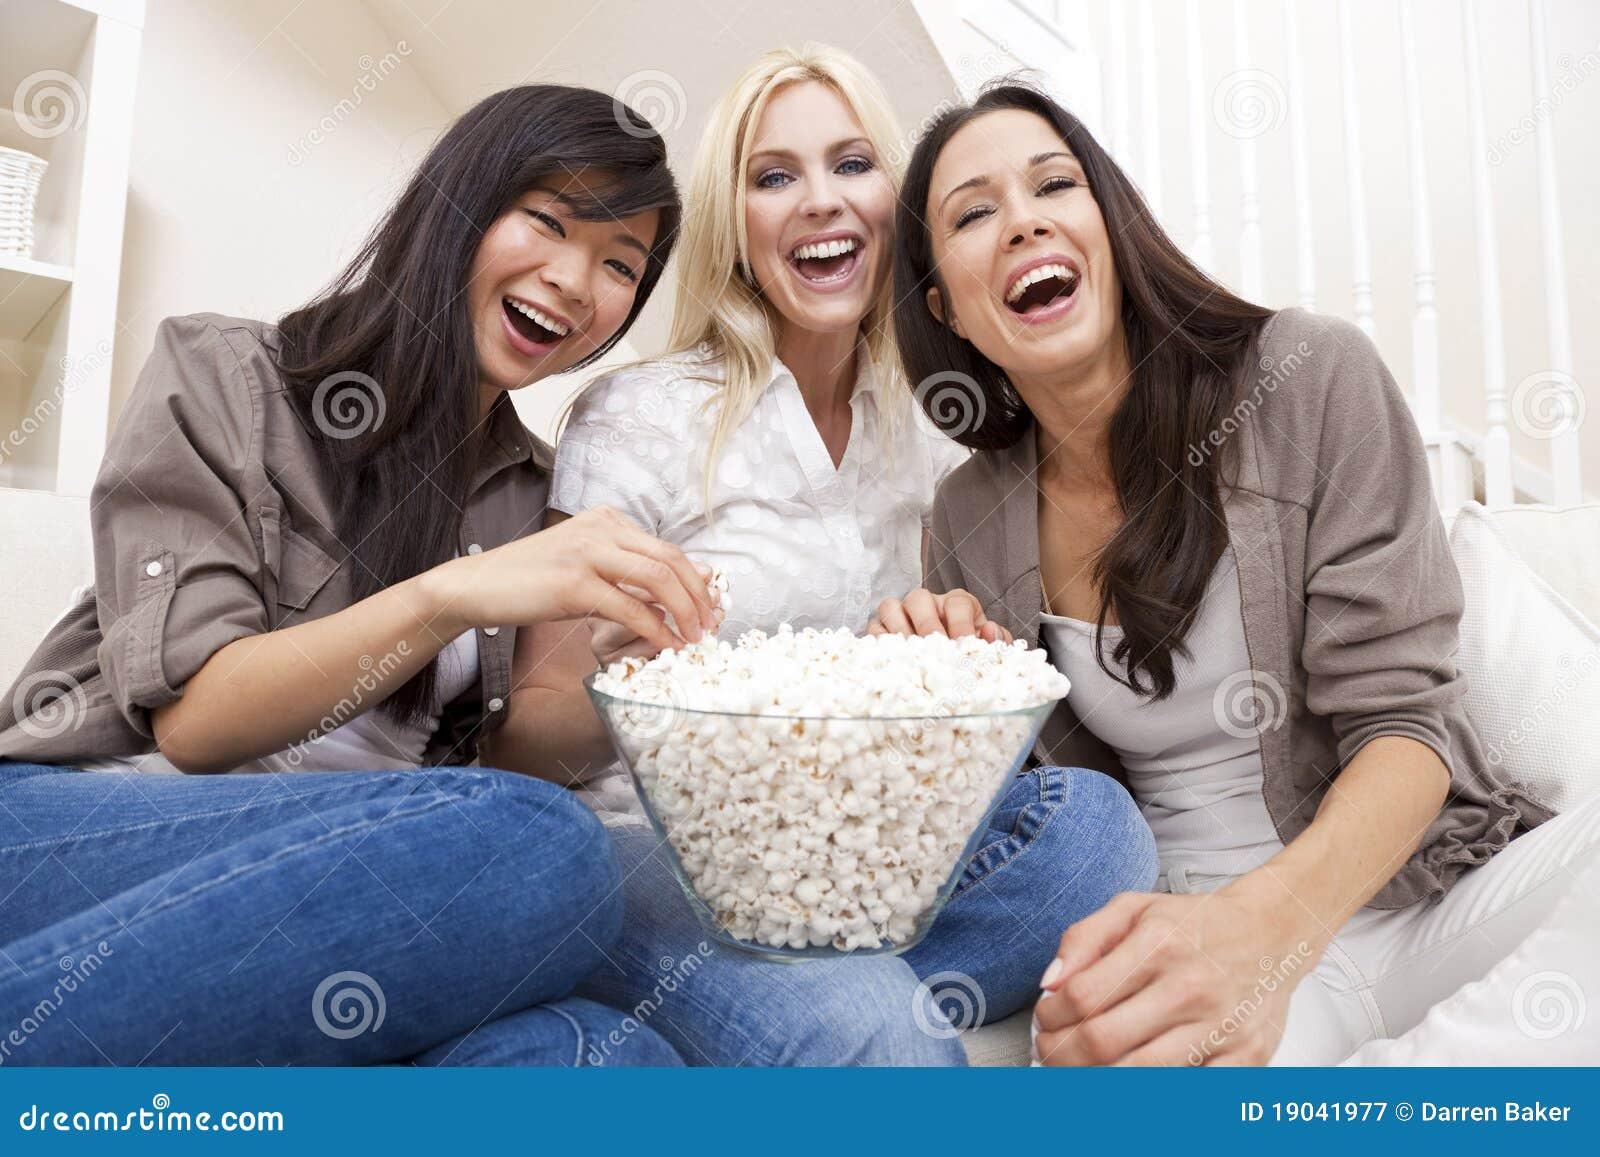 drei-frauen-freunde-die-zu-hause-popcorn